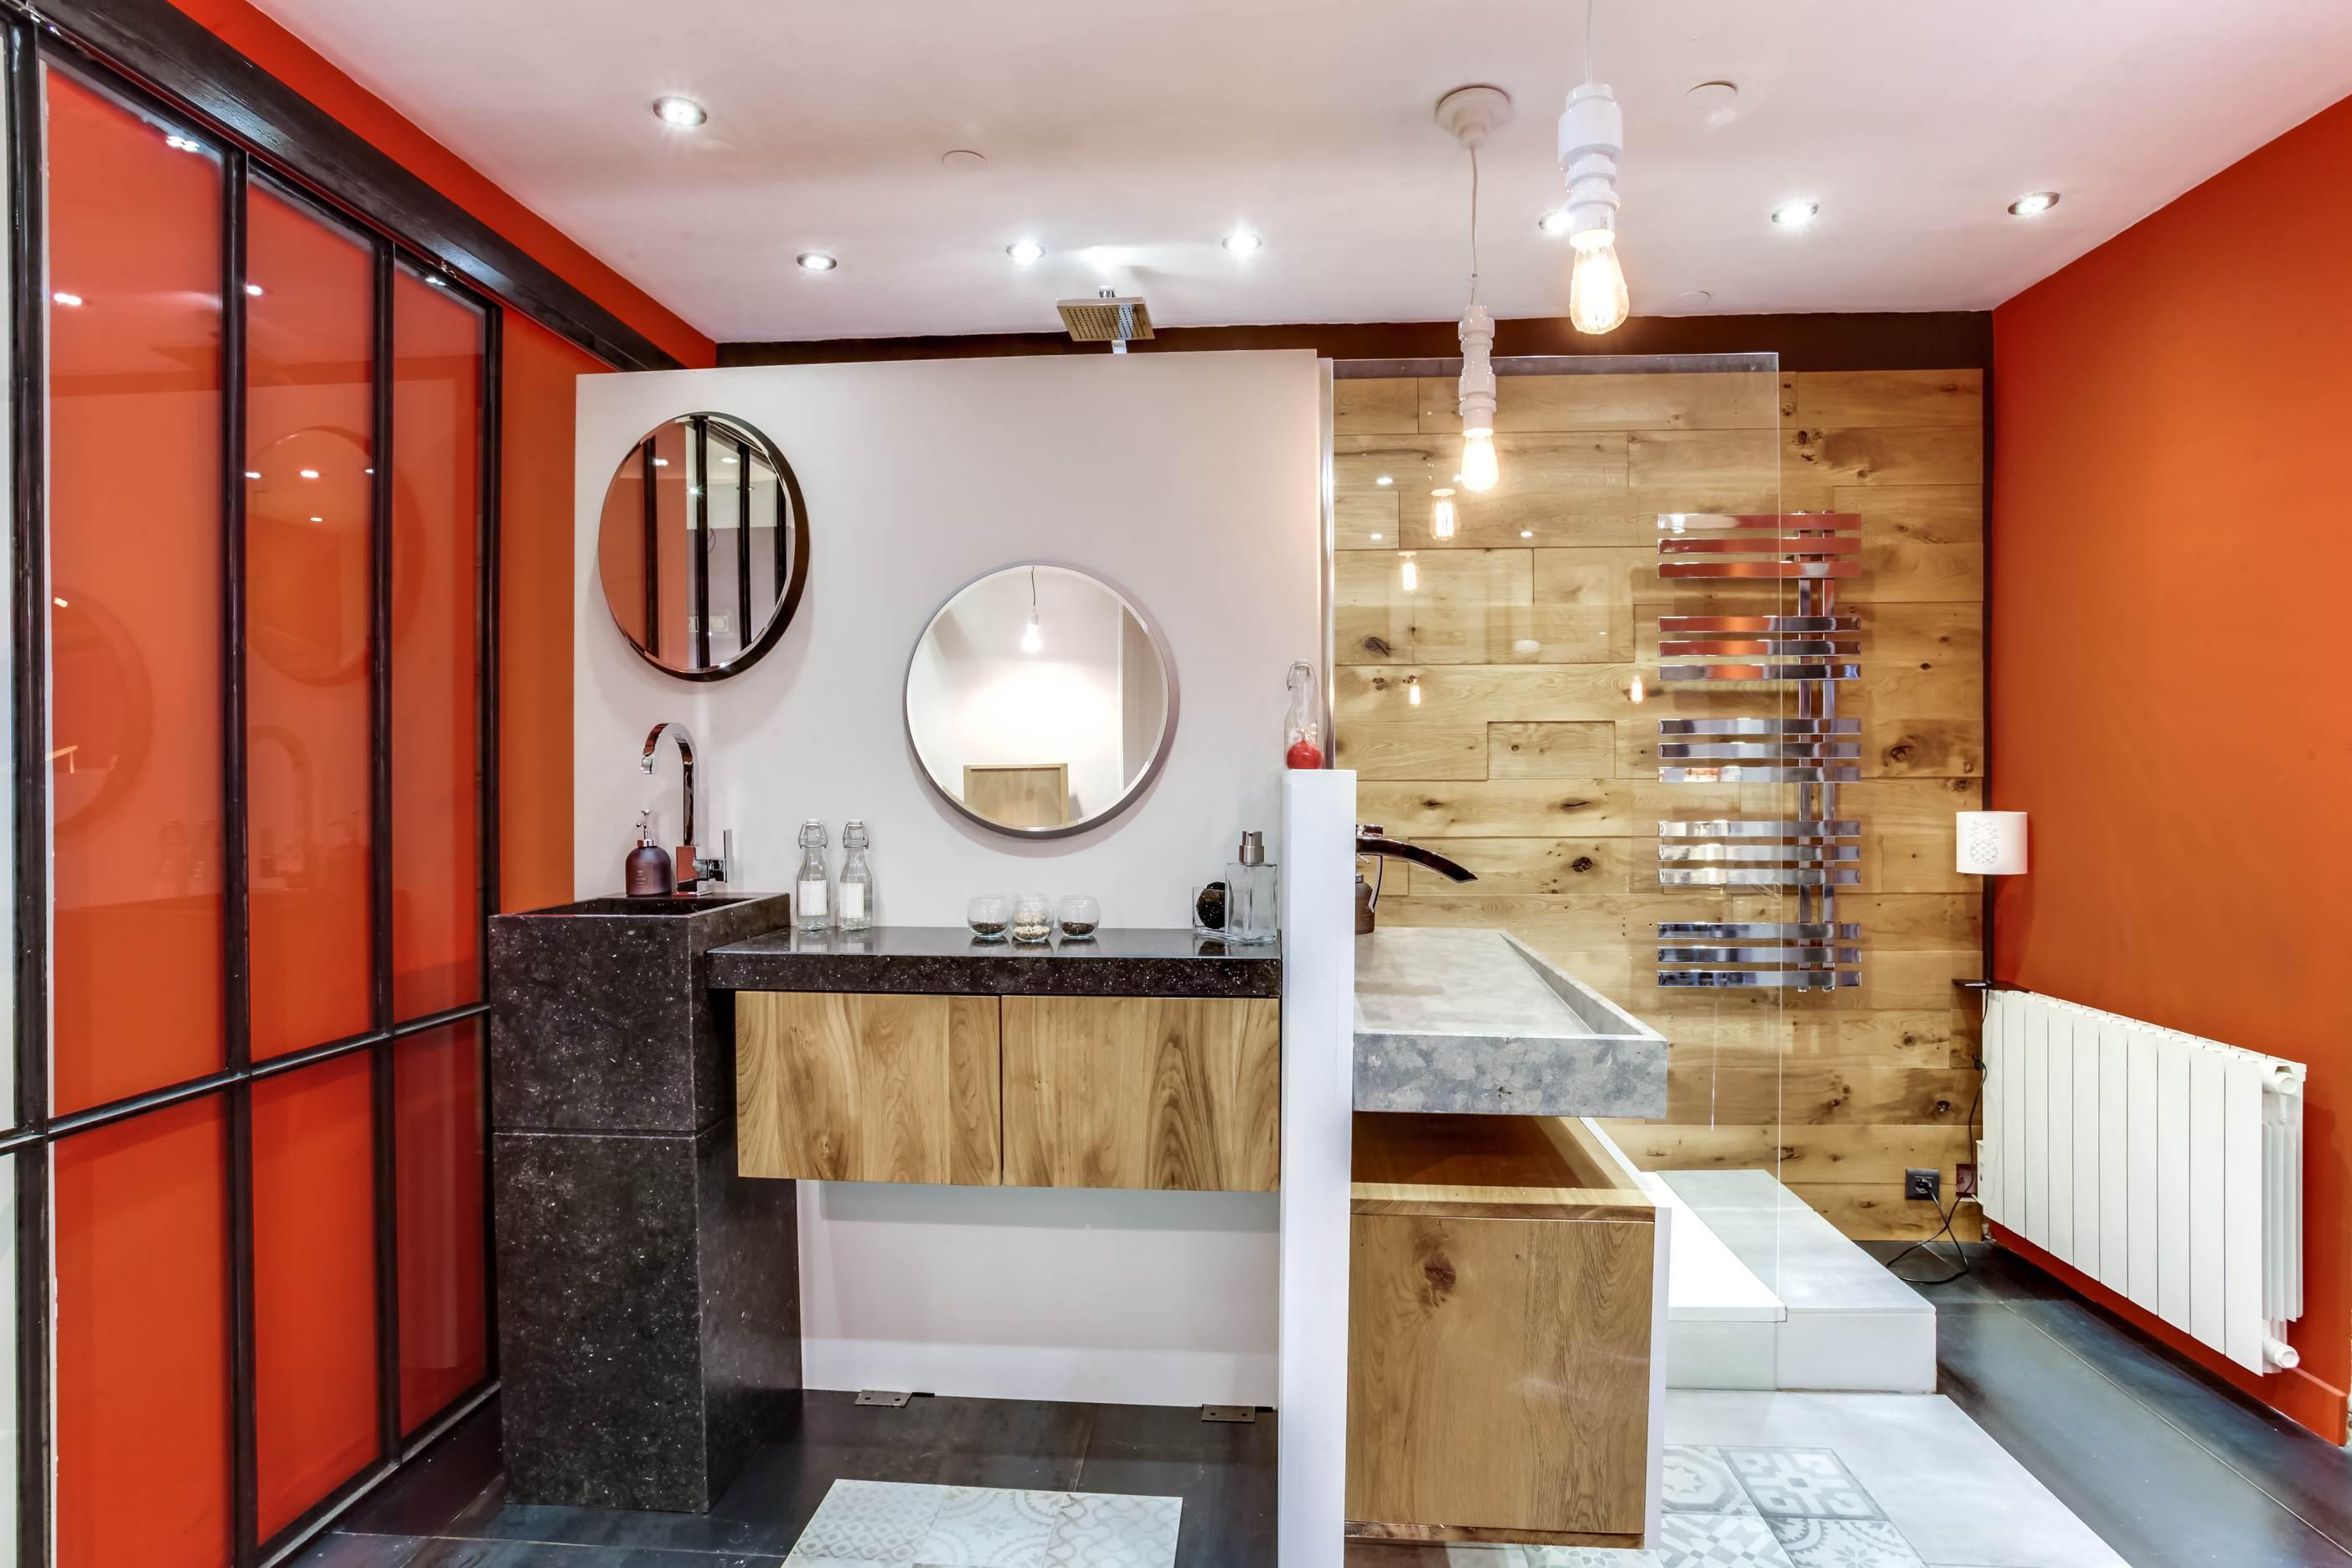 Salle De Bain Showroom ~ showroom bulles cuisines 2017 salle bain1 bulles cuisines